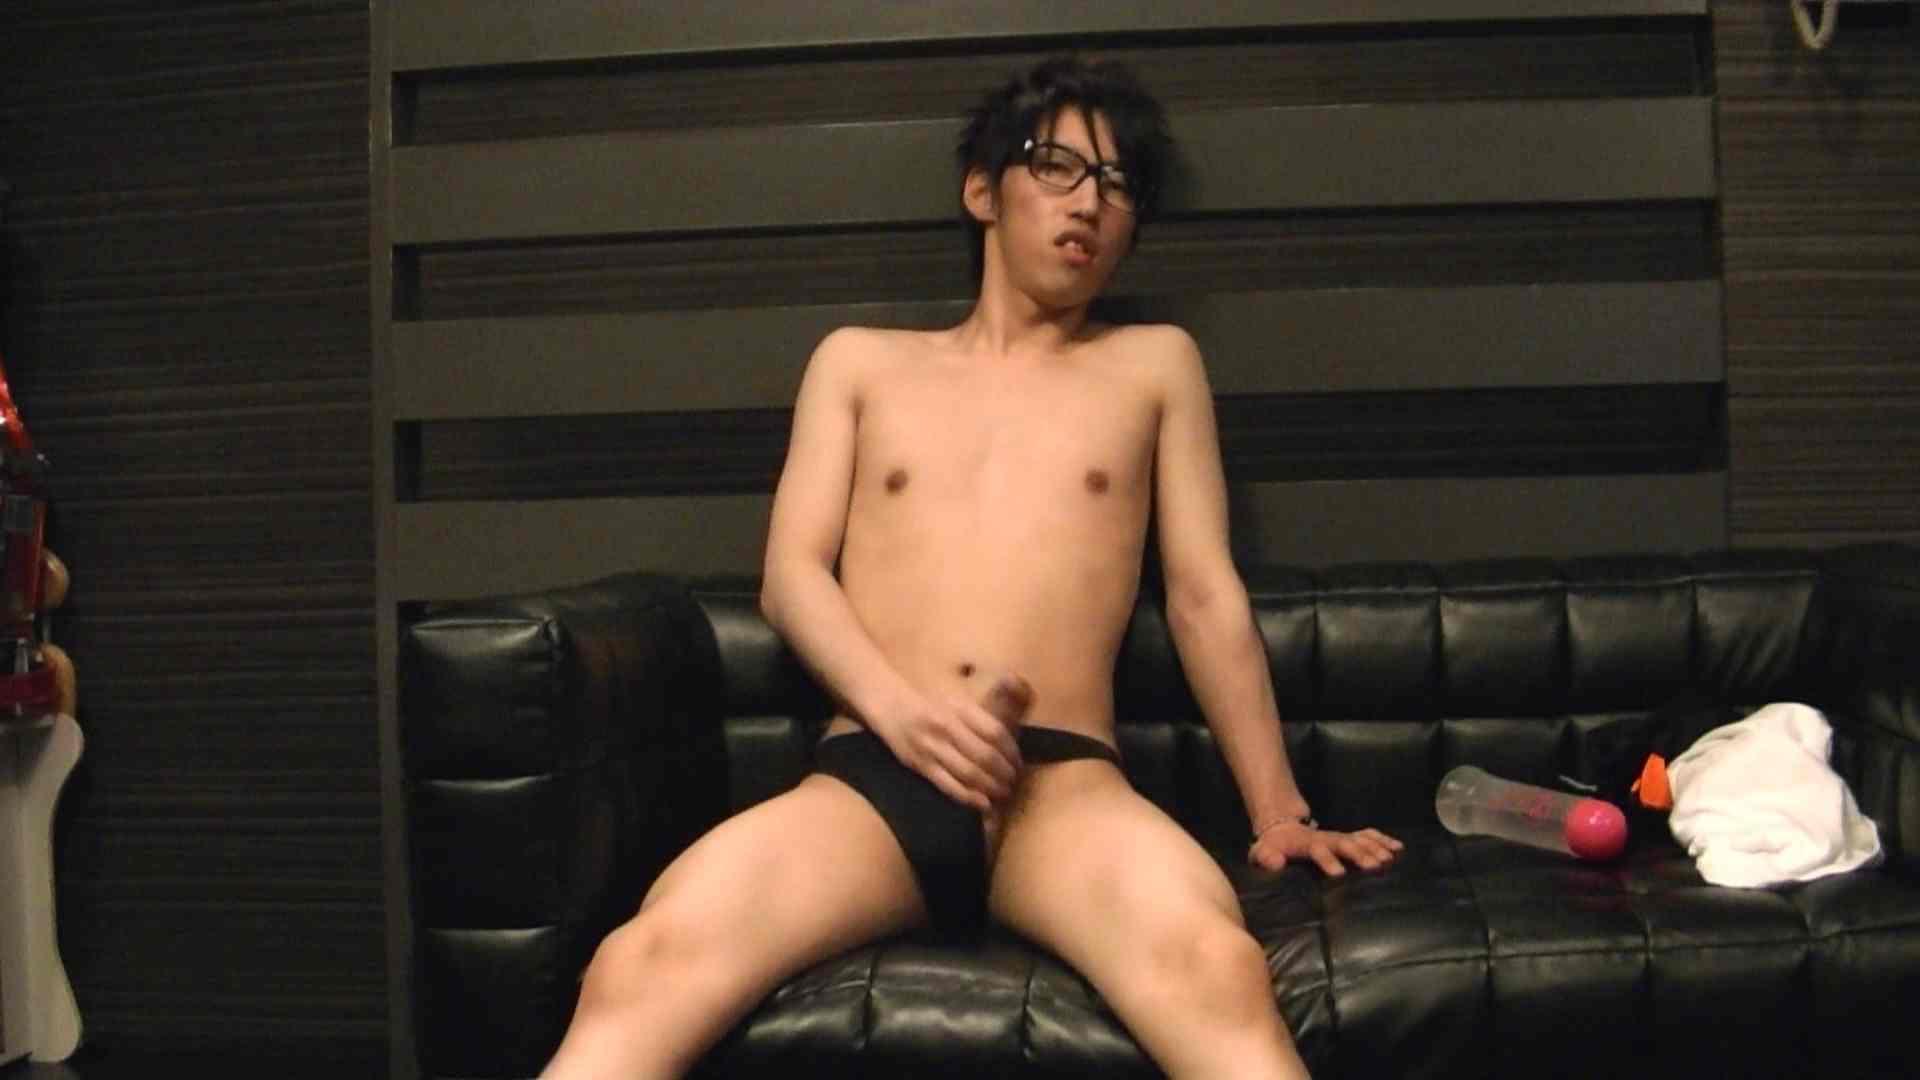 Mr.オナックスさん投稿!HD 貴方のオナニー三万円で撮影させてください。VOL.04 投稿 | 完全無修正でお届け  70pic 55